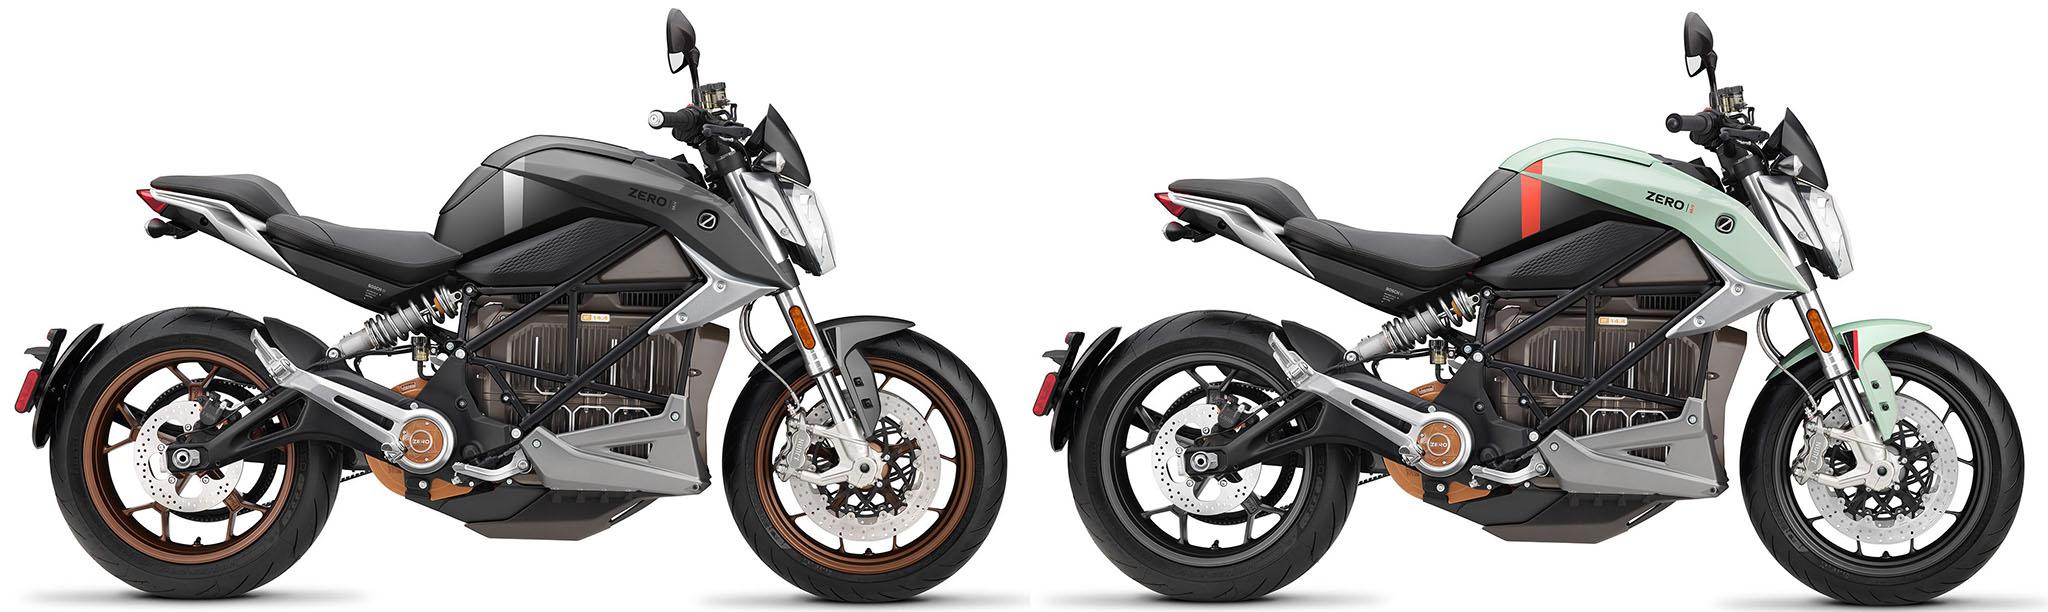 Zero SR/F ZF14.4 i den nya dekoren i grått och mintblått utförande till 2021 års modell.